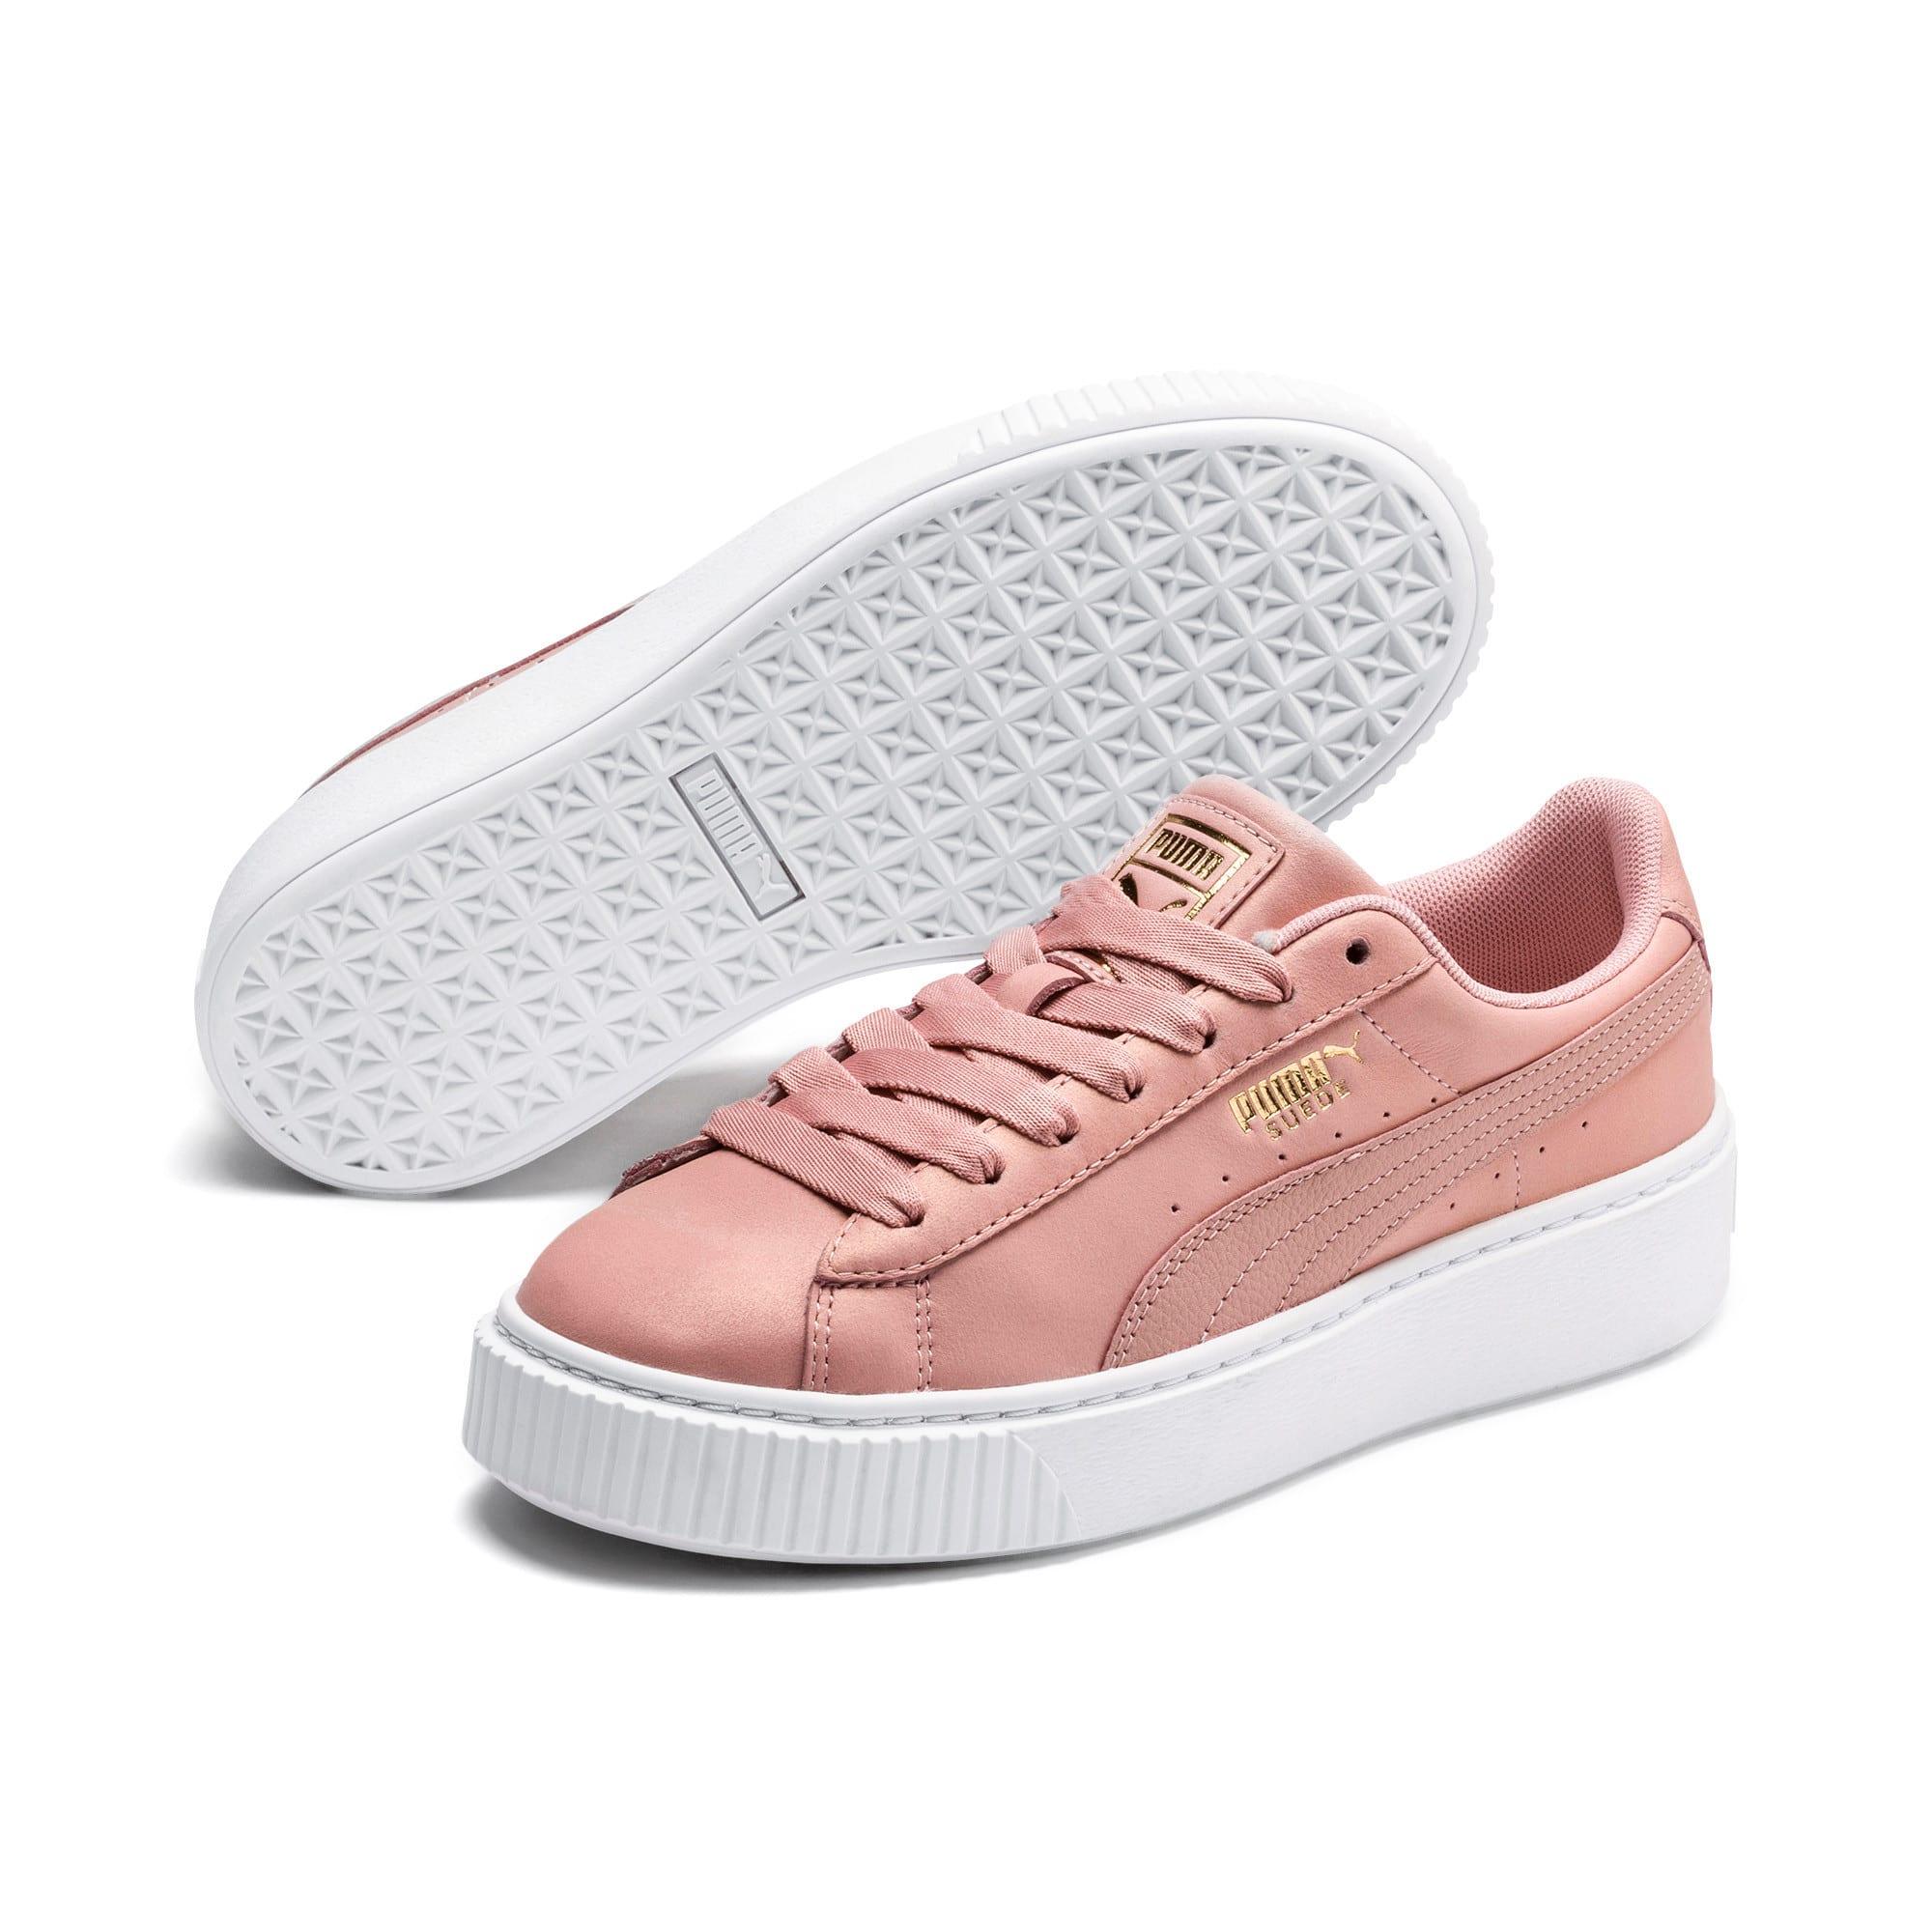 Miniatura 3 de Zapatos deportivos Suede con brillo y plataforma para mujer, Bridal Rose-Puma White, mediano